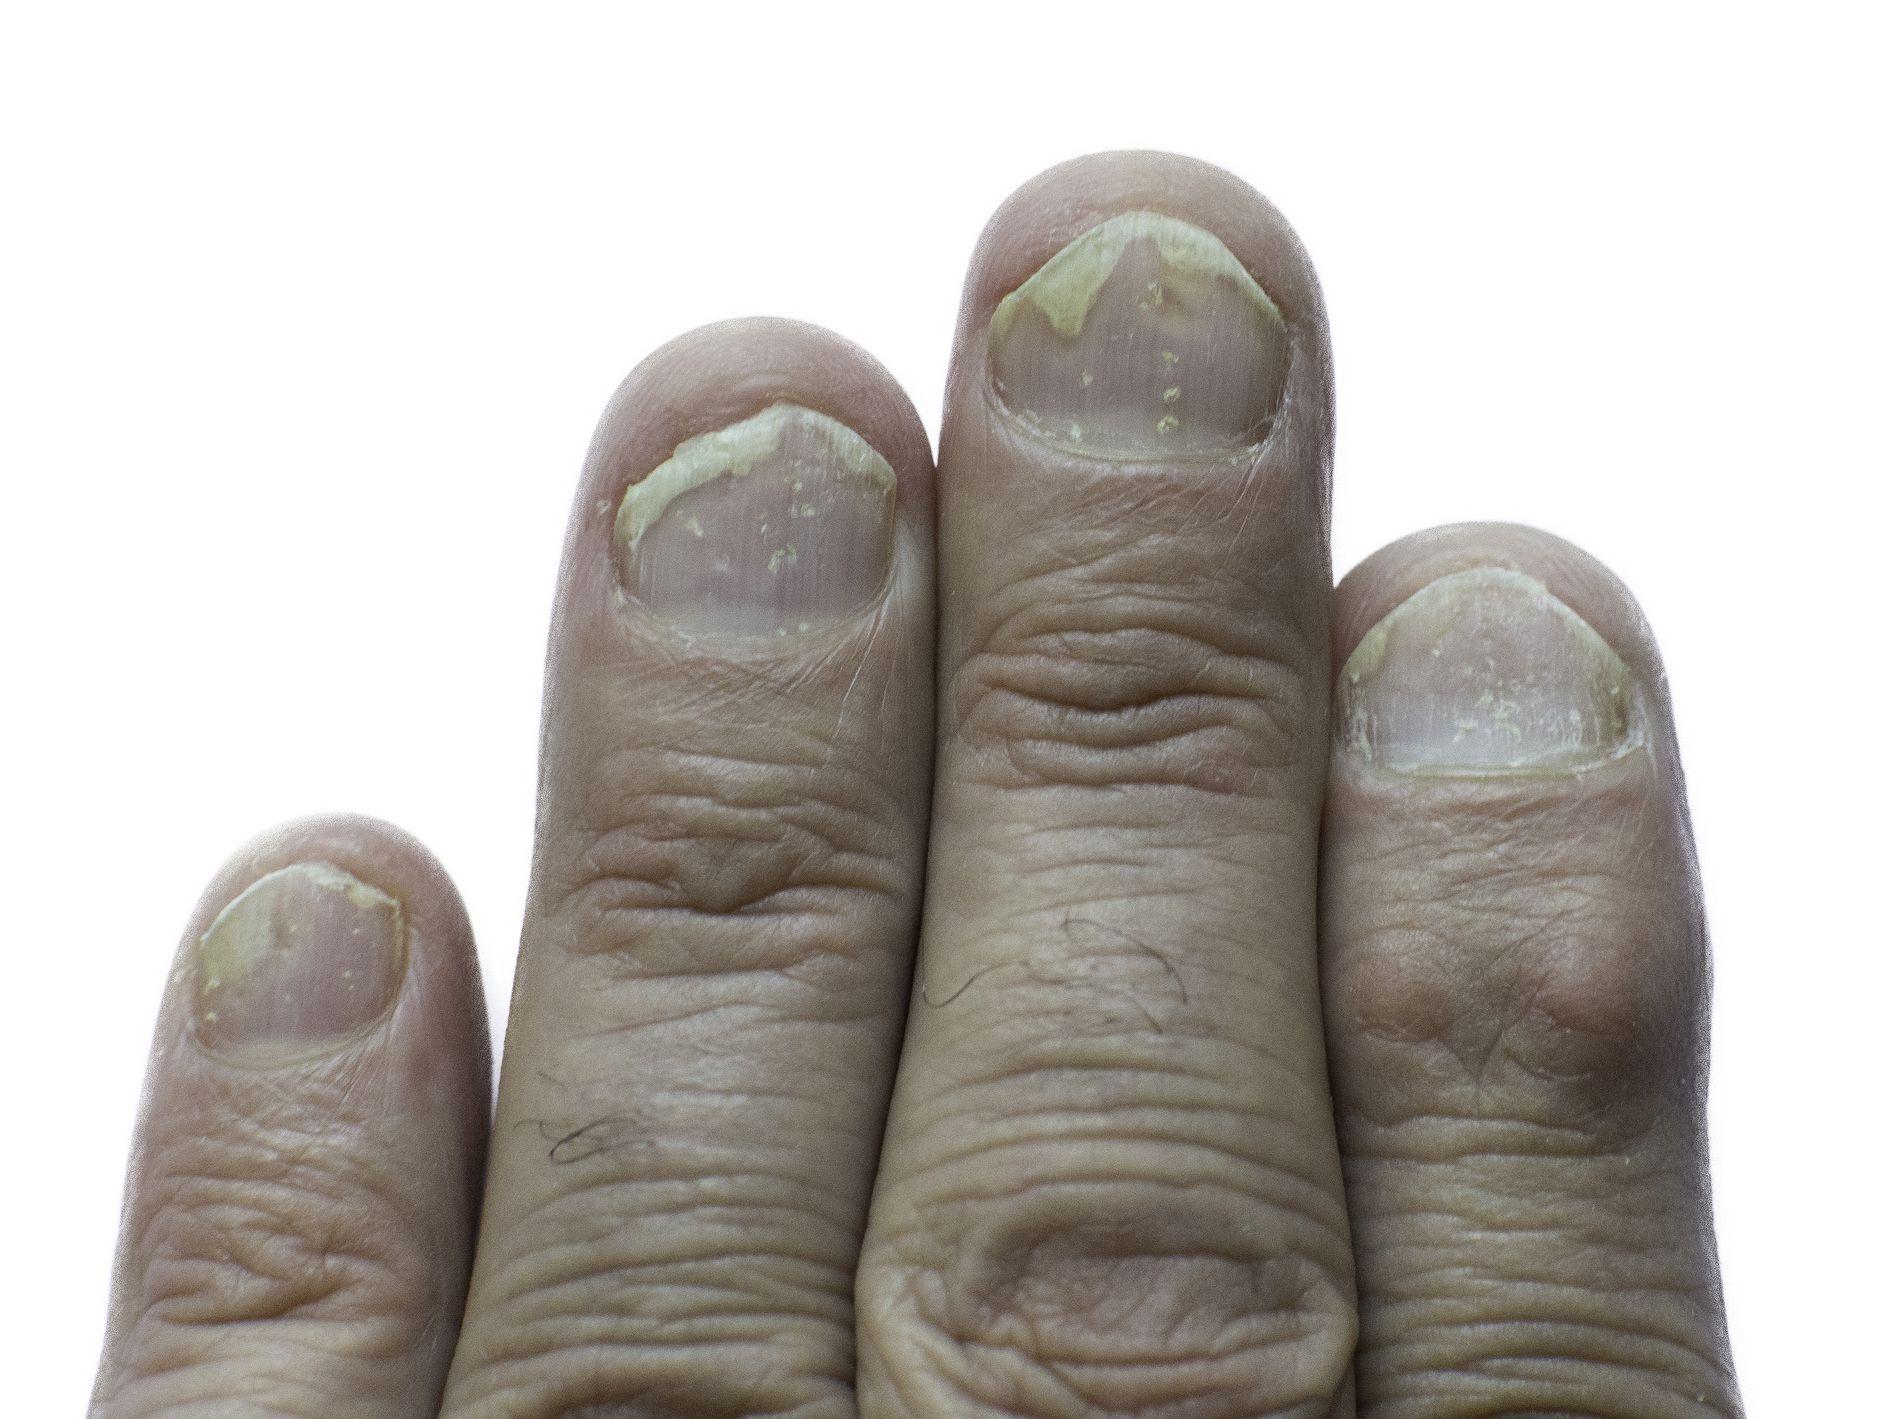 nail psoriasis or fungus